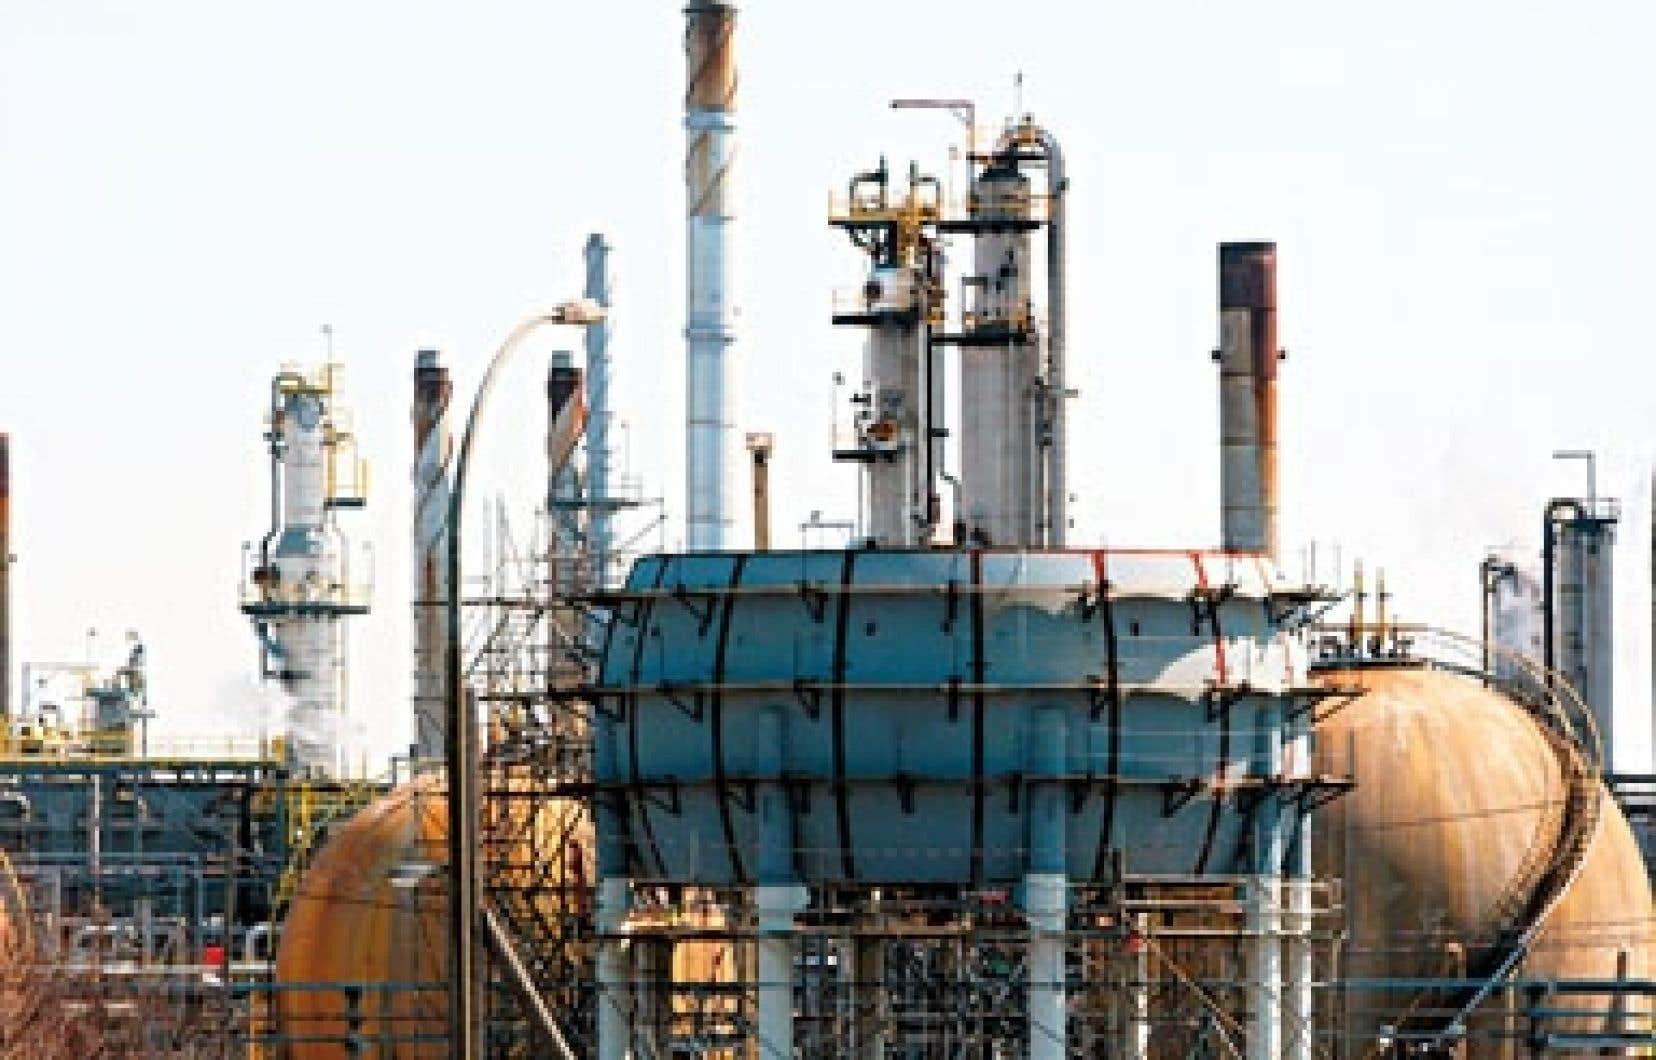 Le domaine des procédés industriels a d'une certaine façon peu changé, tout en s'étant radicalement transformé.